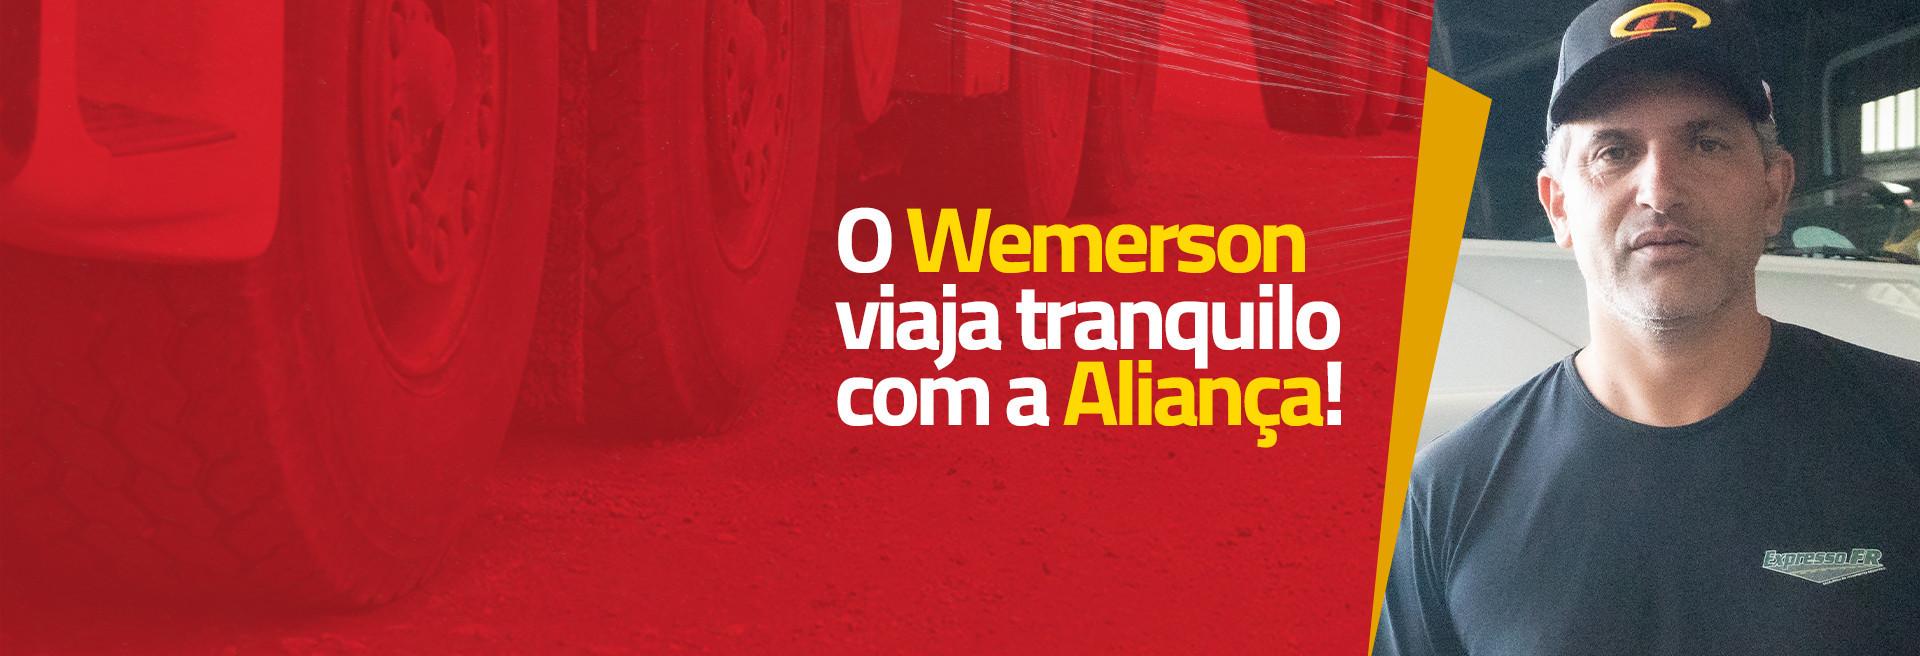 Wemerson